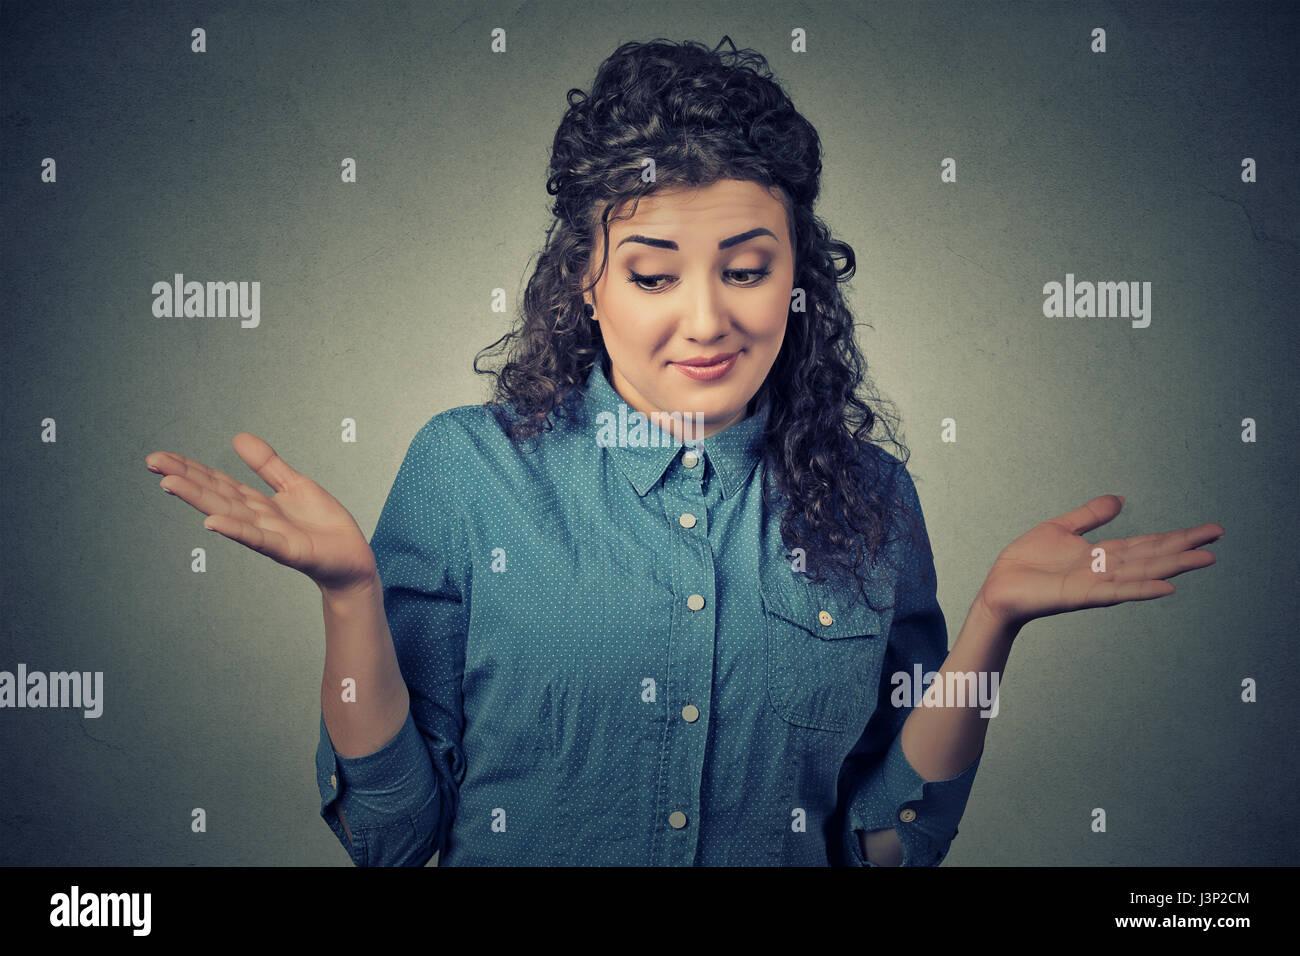 Portrait femme muette à bras à la hausse les épaules qui se soucie alors ce que je ne sais pas isolé Photo Stock